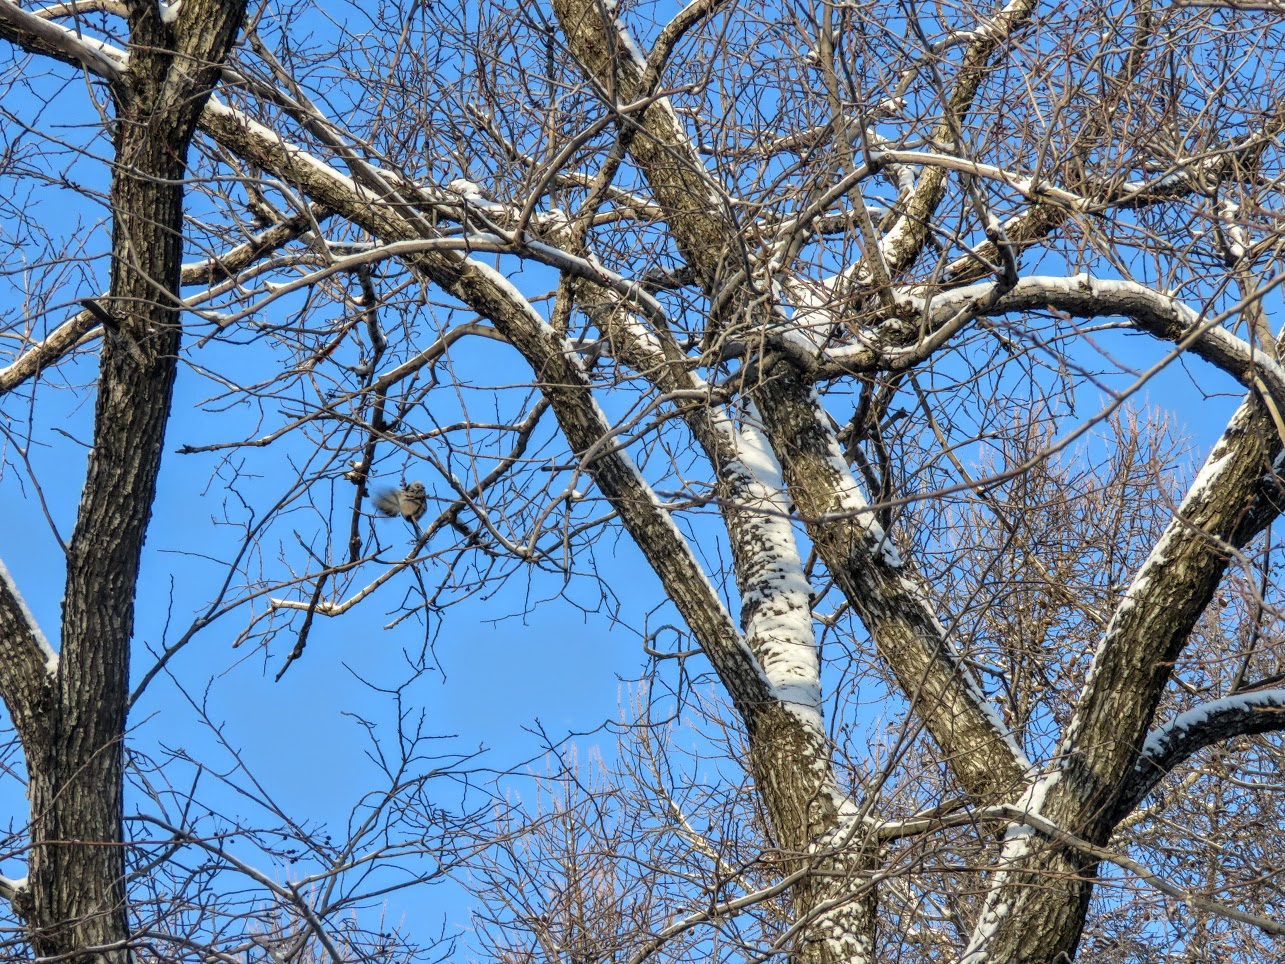 Птички - невелички - ополовники и большой пёстрый дятел IMG 9661